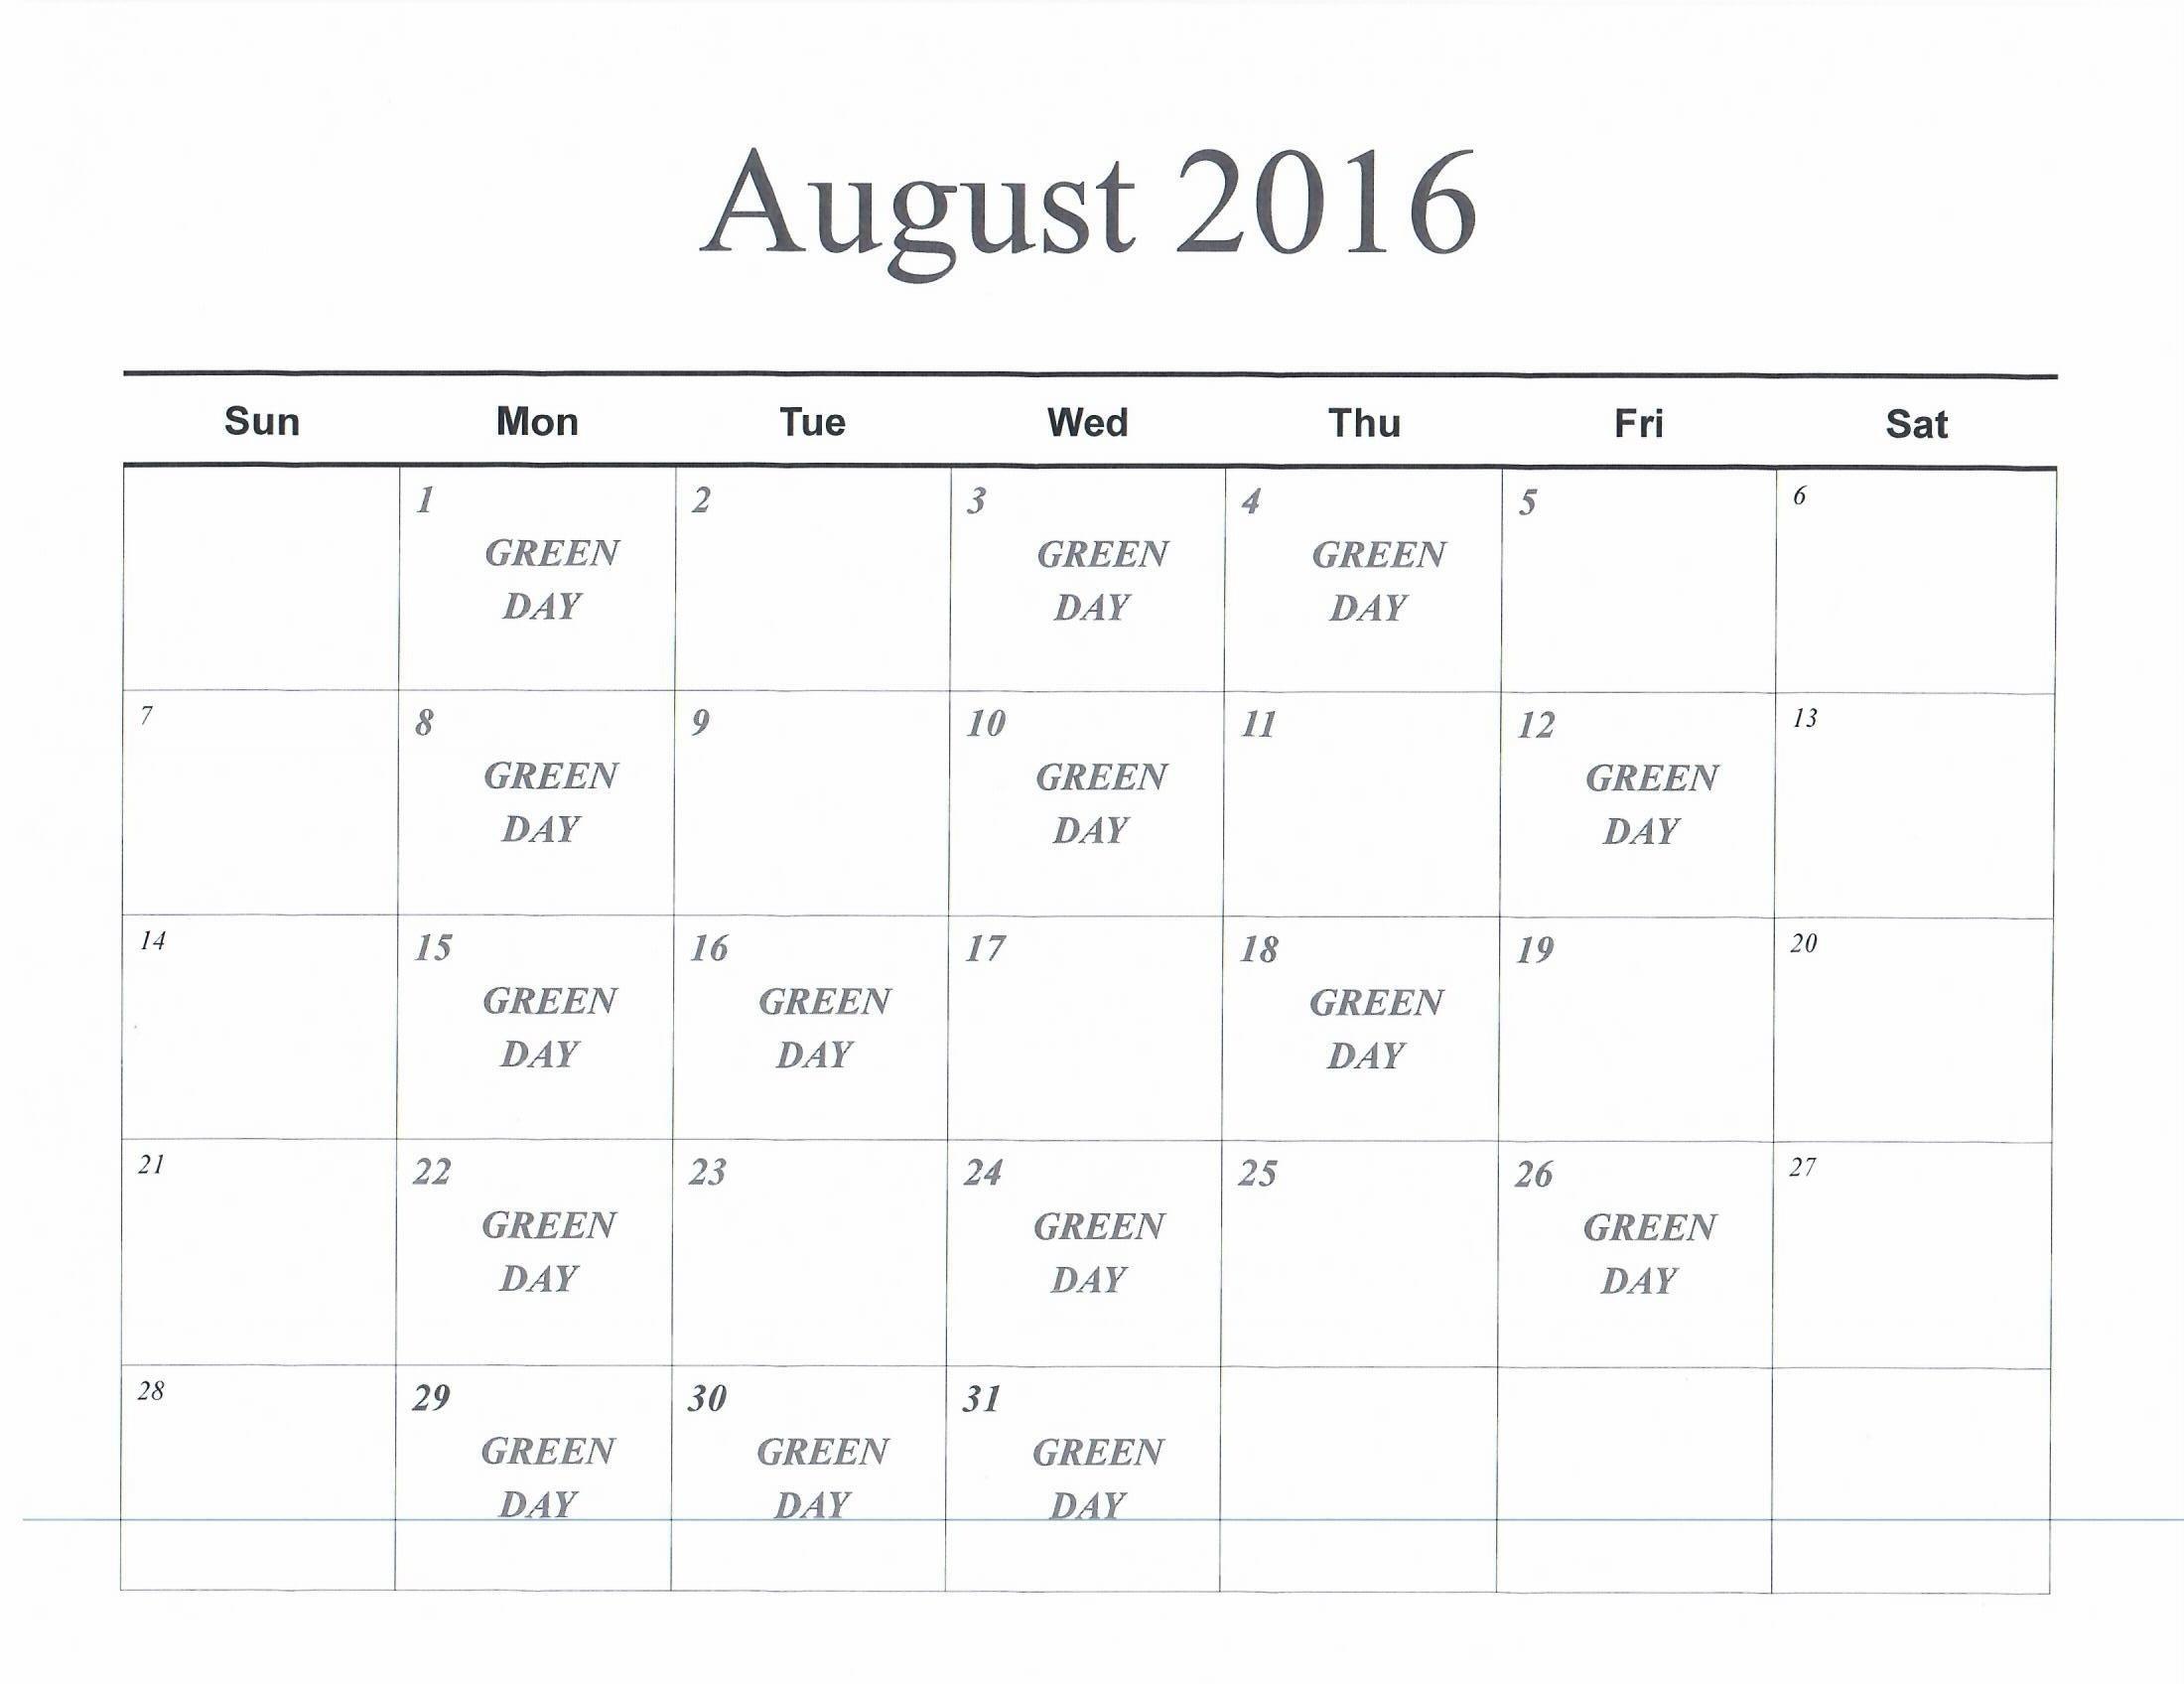 August 2016 Green Days Calendar